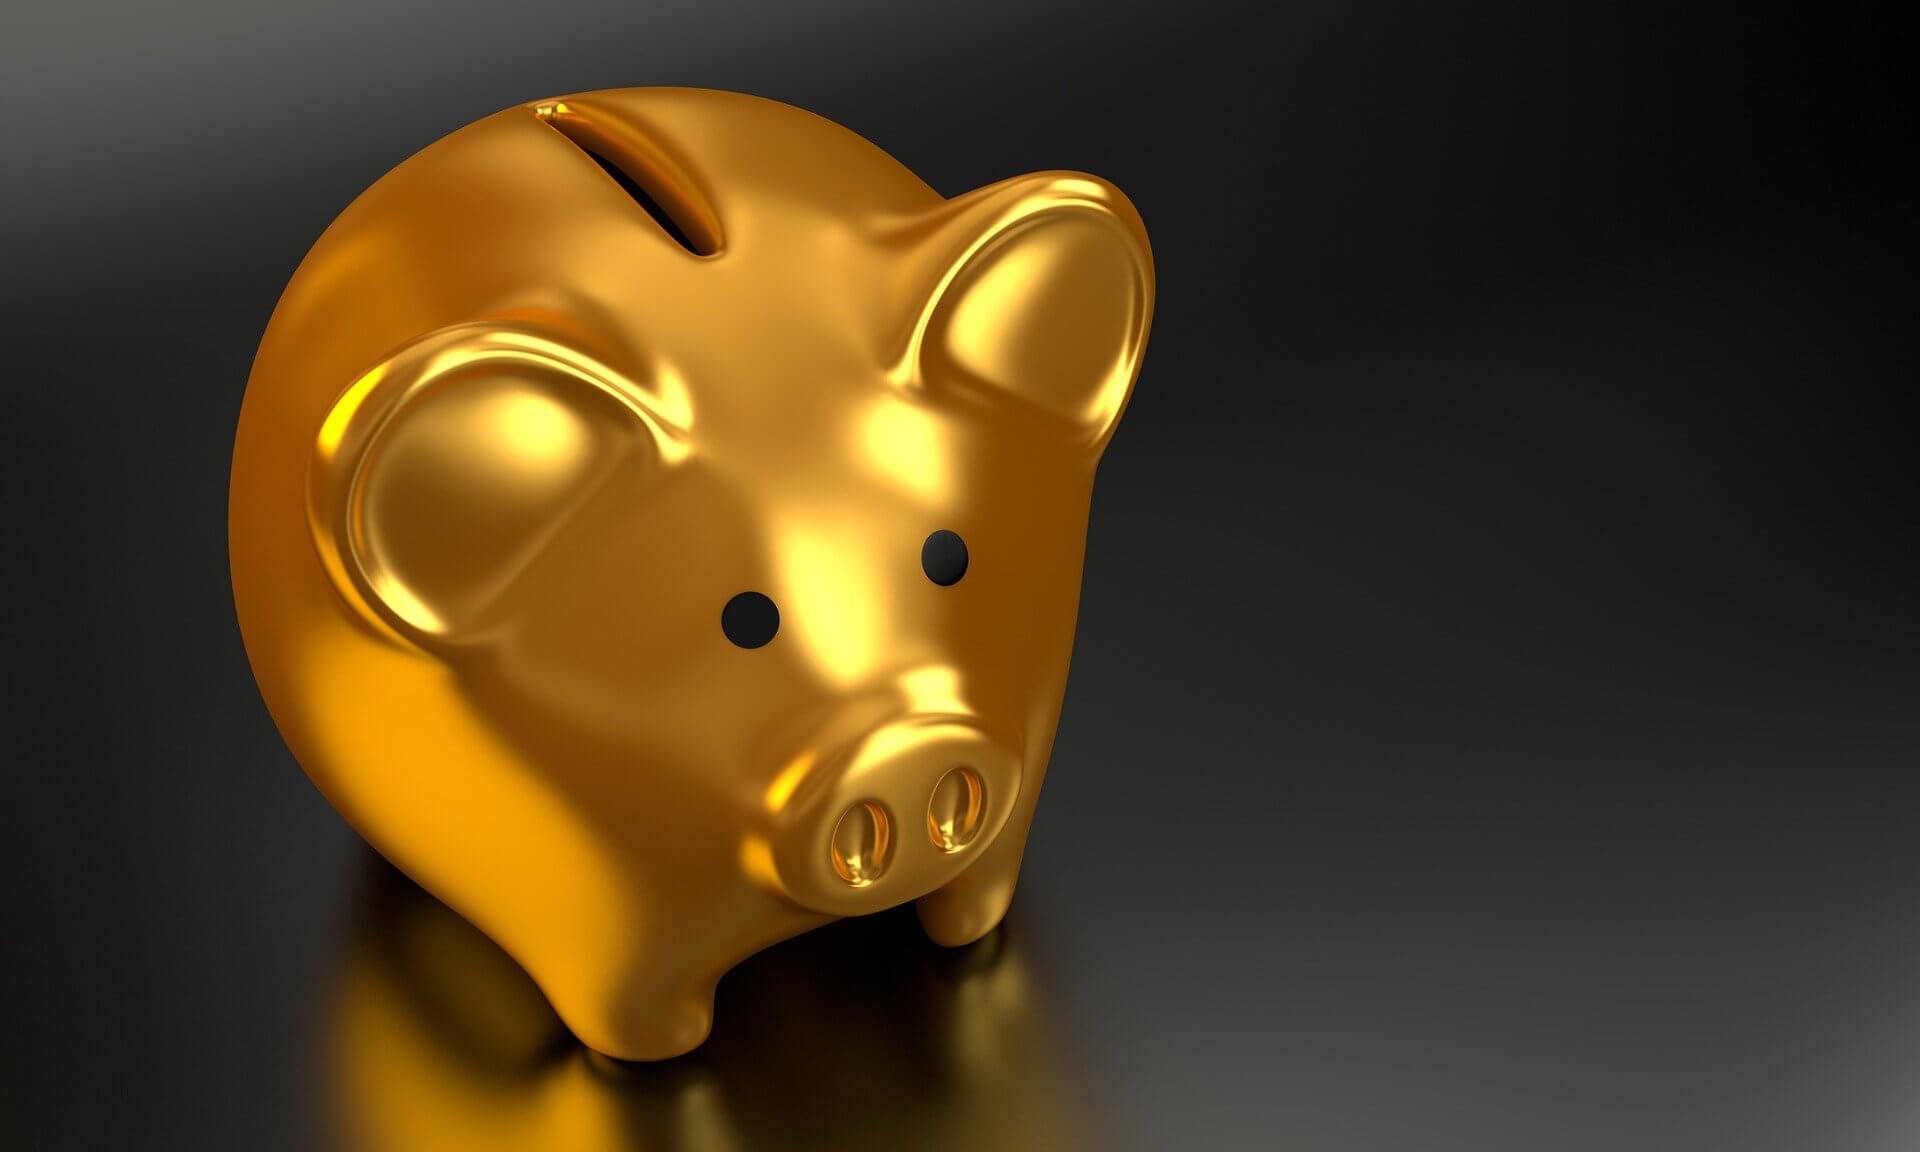 最新の資金調達法「後払い現金化サービス」のメリットや注意点、おすすめの業者をご紹介します!